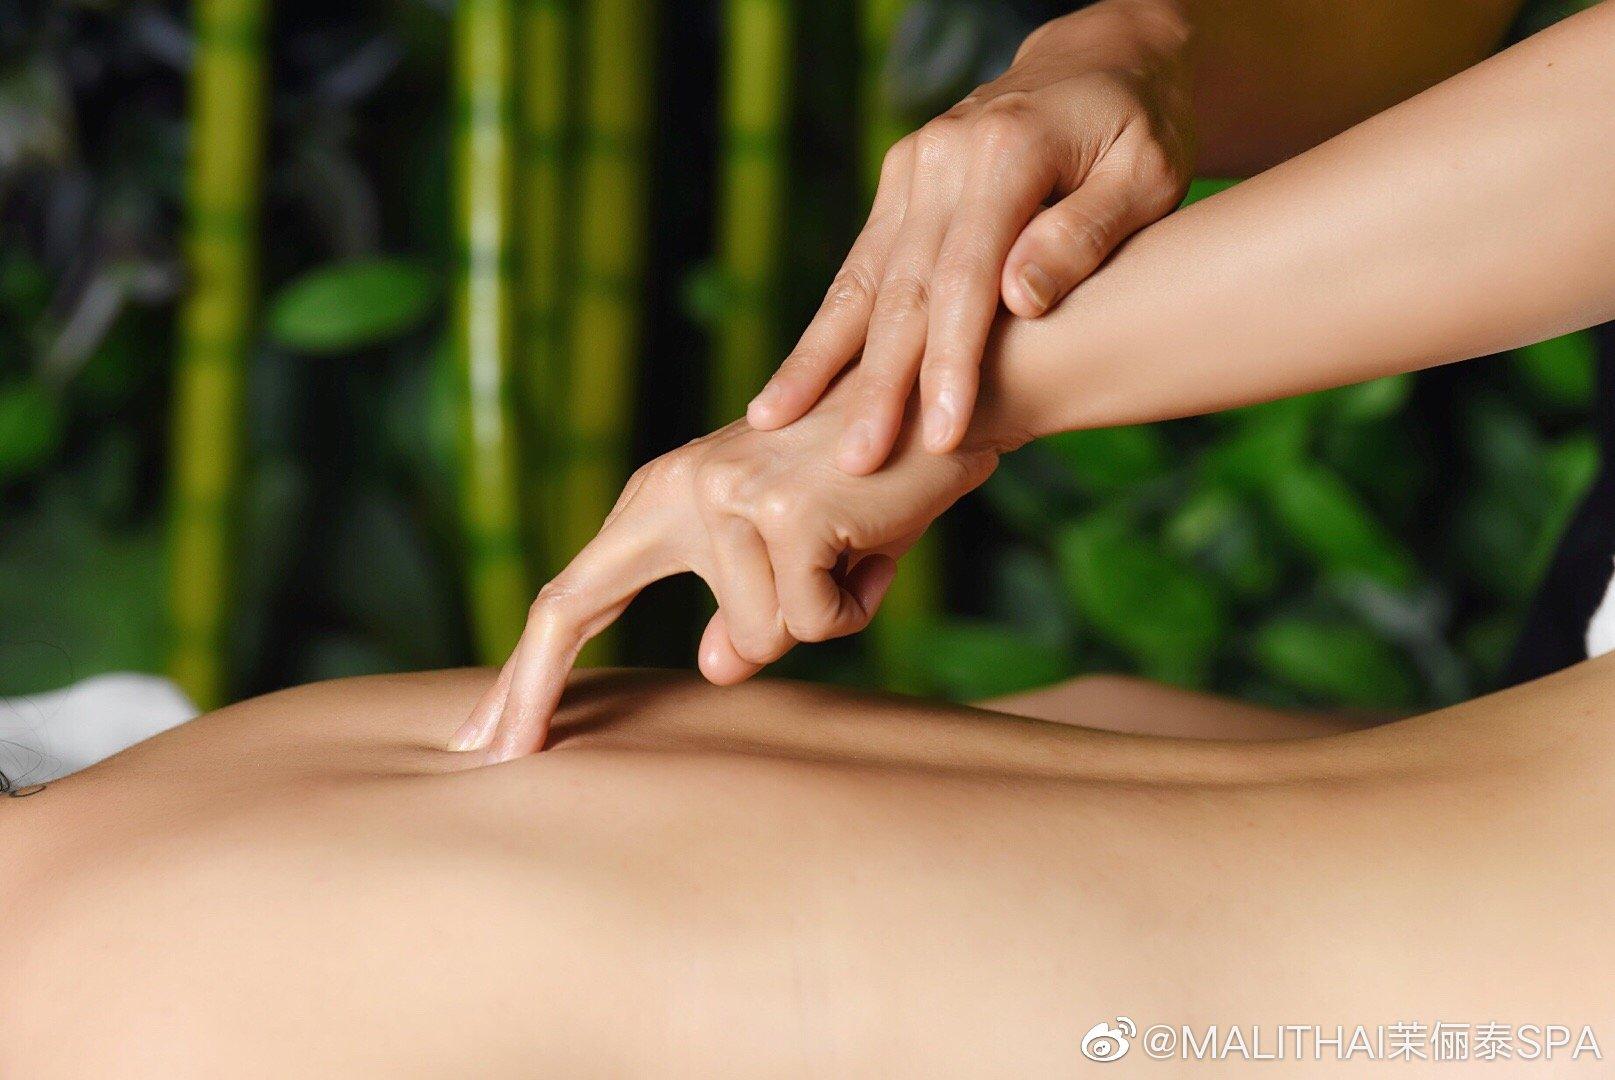 泰式按摩一般从足部开始,并向着人体的中心部位多好压按结合的手法,细腻的指压,